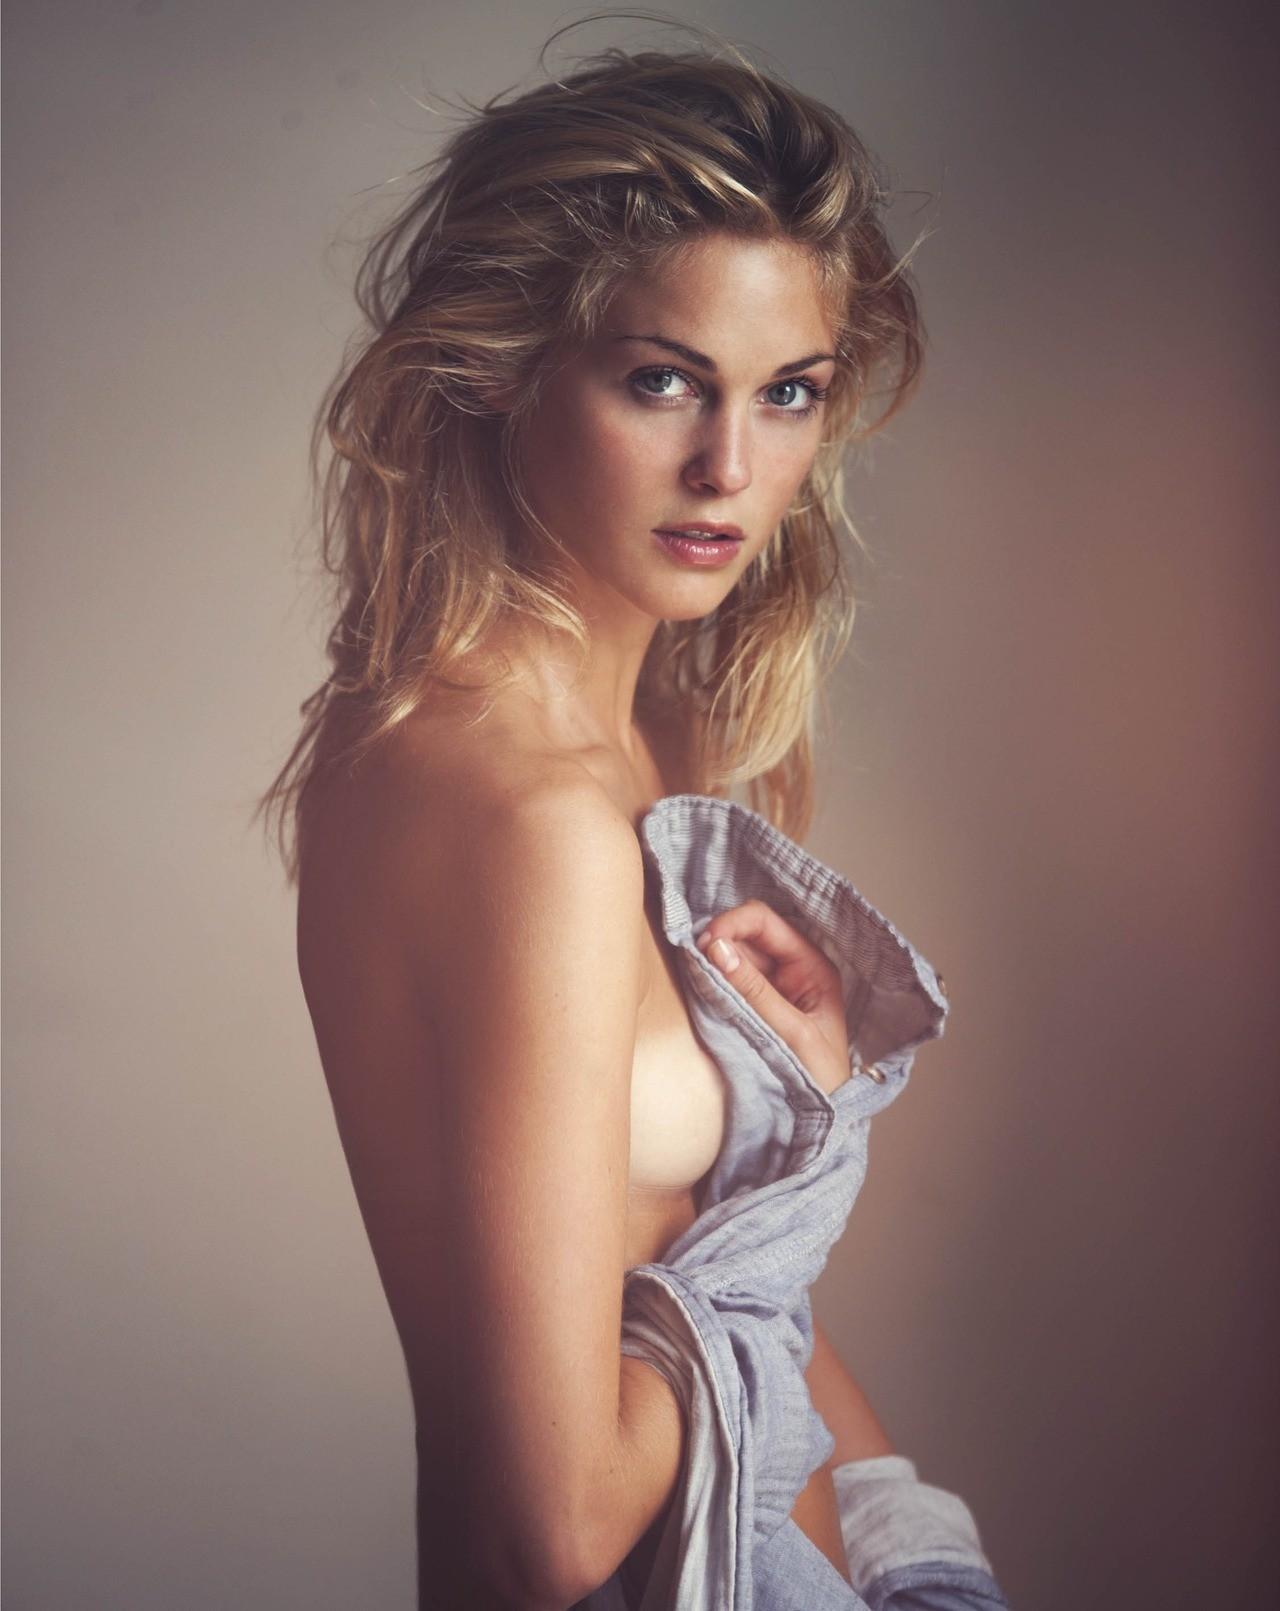 Baggrunde Kvinder Model Portræt Blond Langt Hår Fotografering